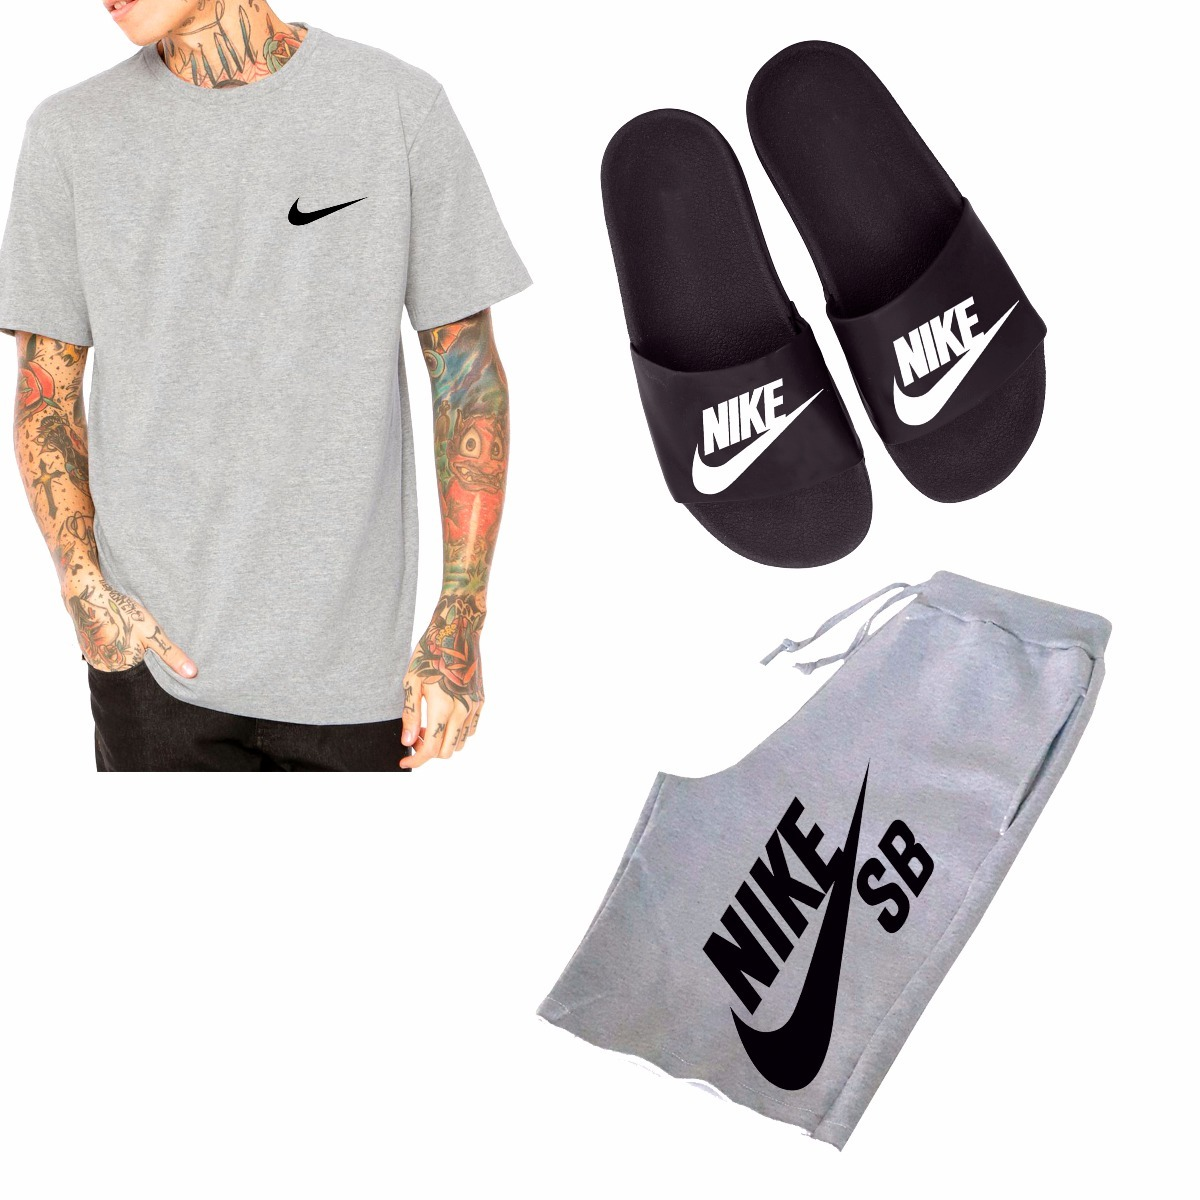 Kit Moletom Camiseta + Chinelo + Short Nike Sb Promoção !! - R  167 ... 370fb0eb3be22